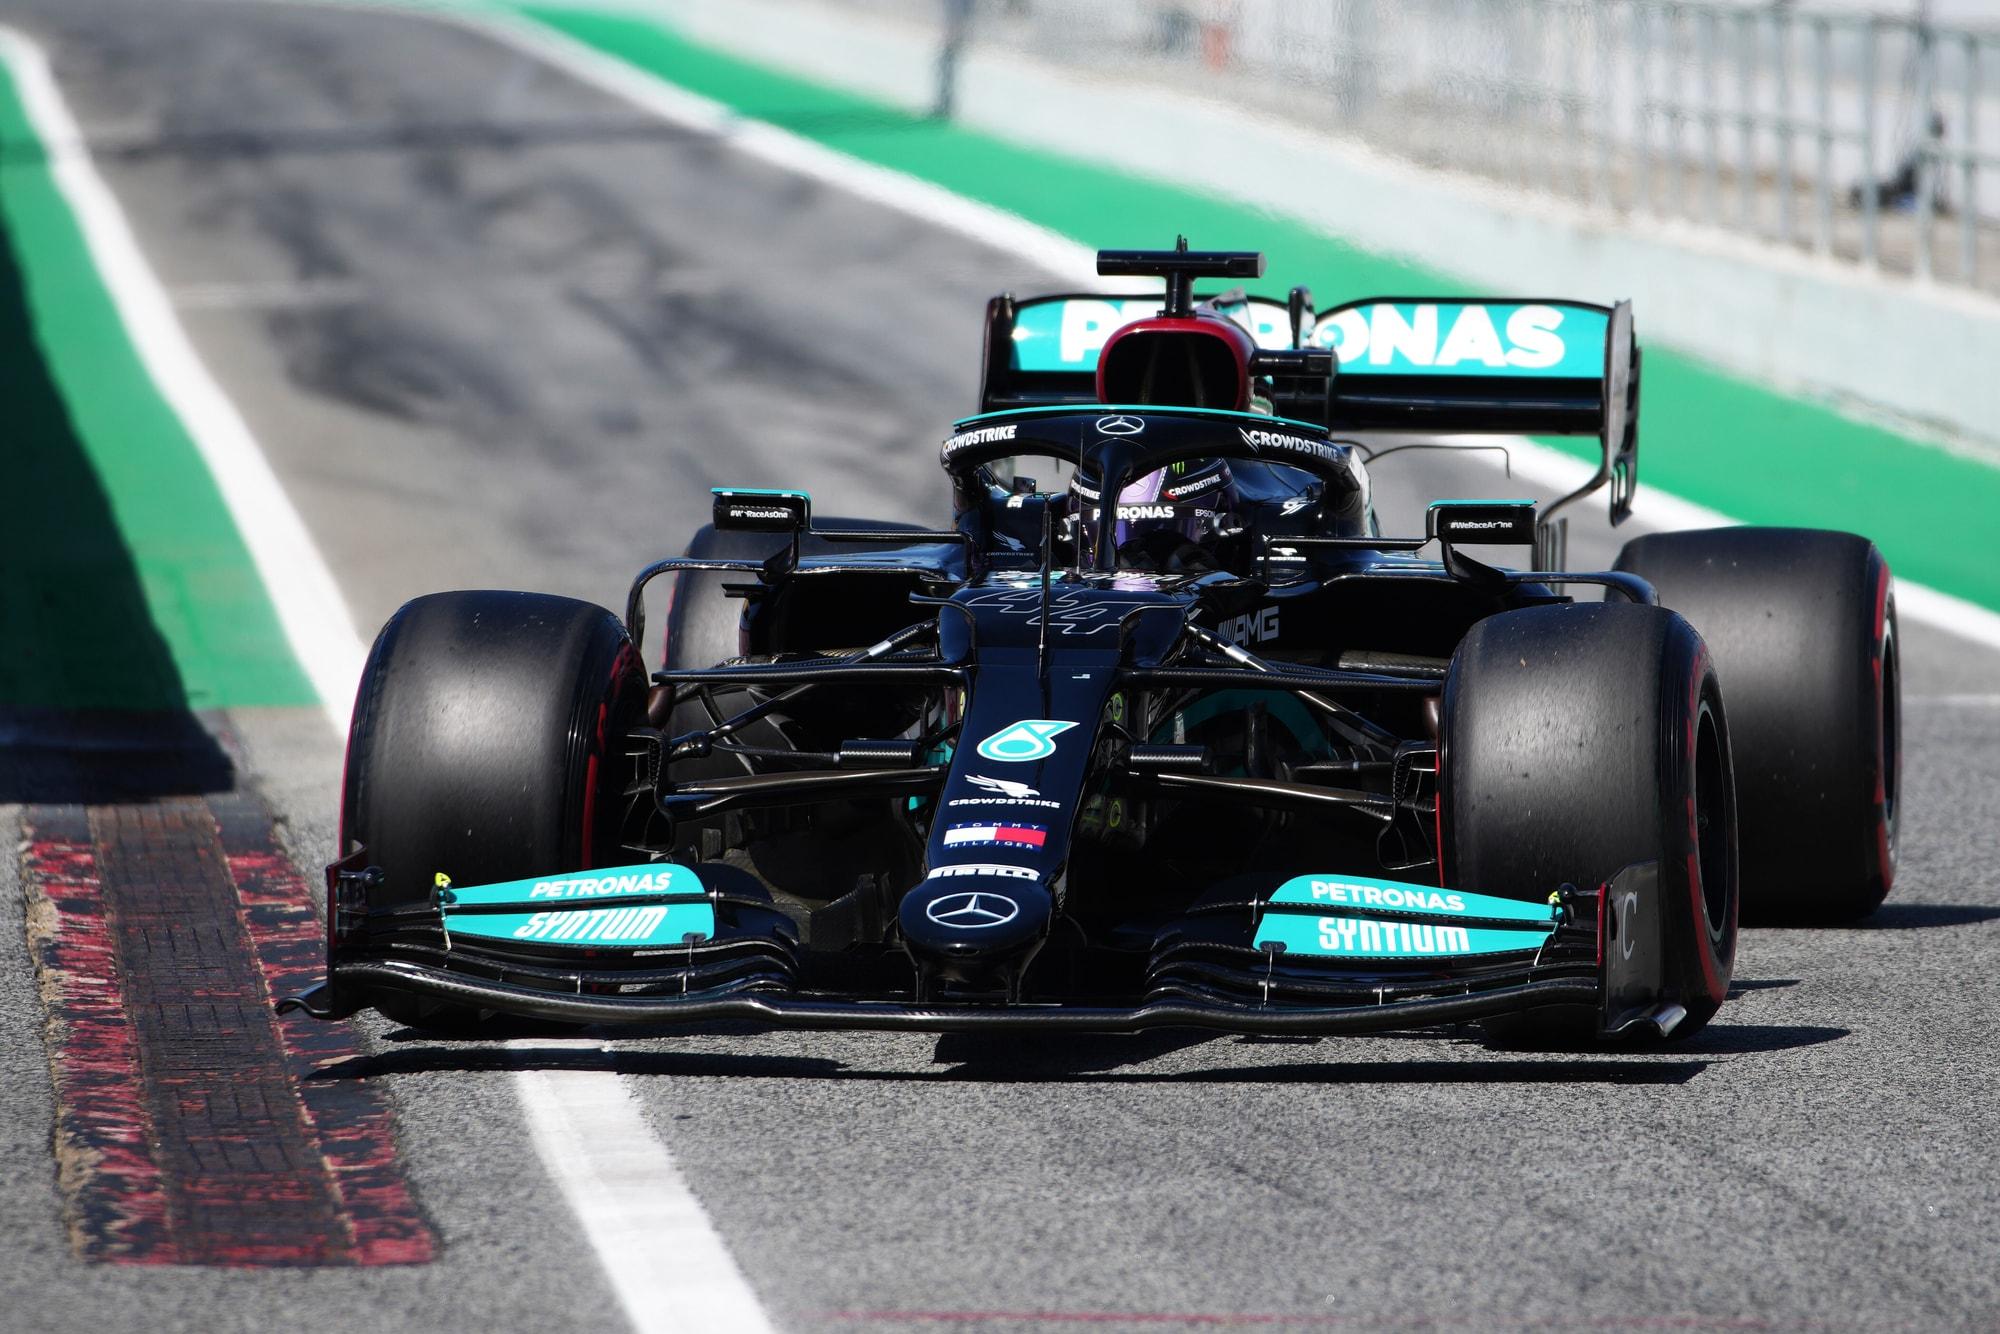 GP Spagna, Hamilton fa la pole 100. La Ferrari di Leclerc al quarto posto